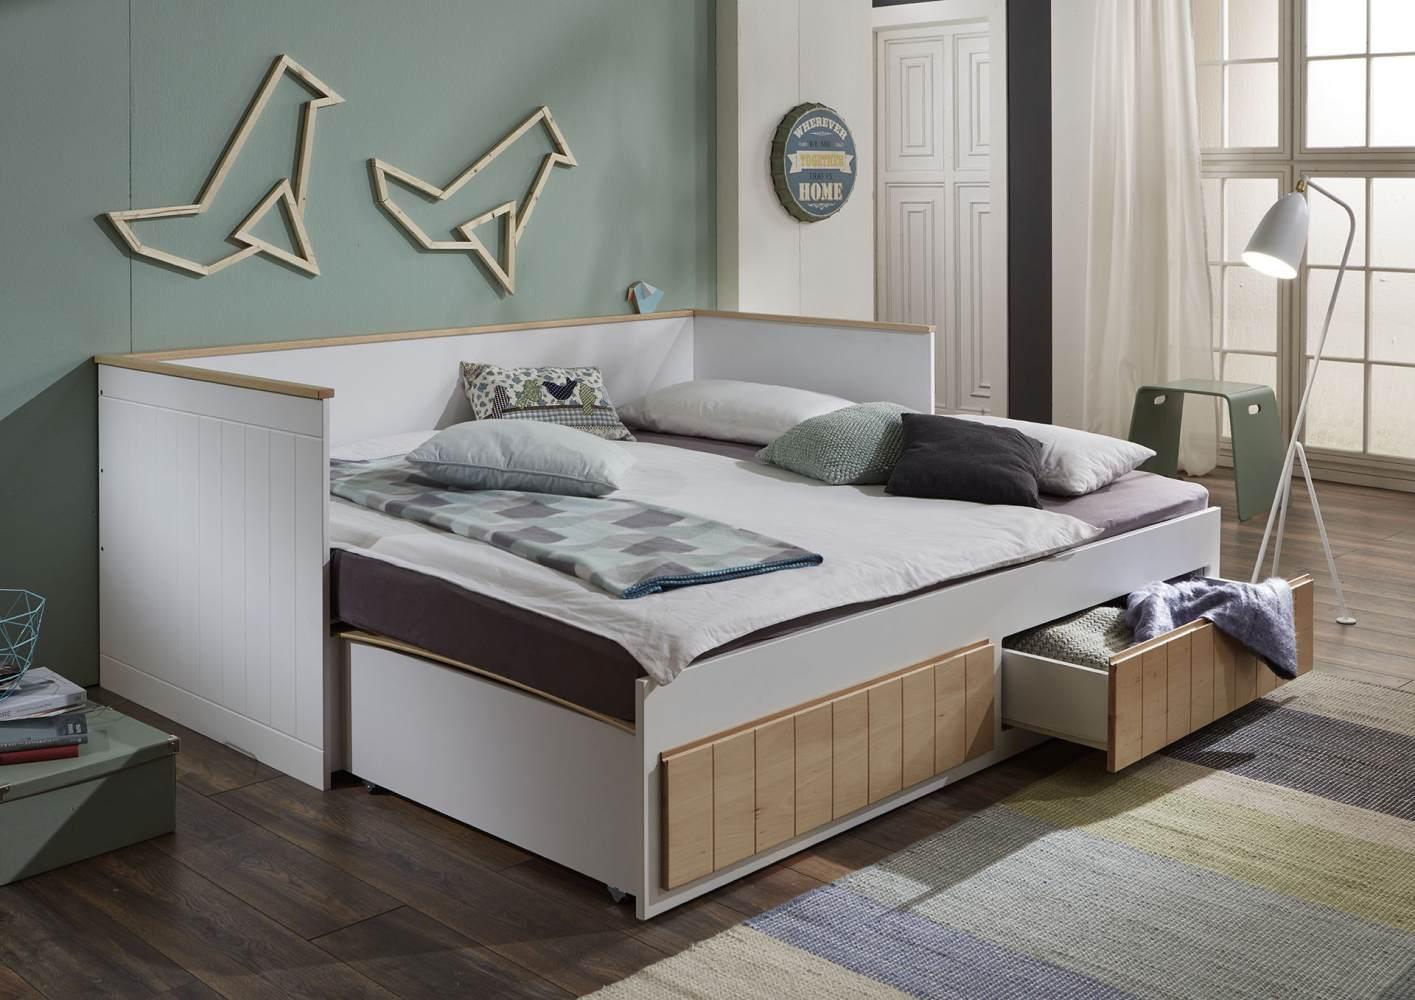 Relita 'Timmi' Einzelbett weiß, inkl. 2 Schubladen, 90/180x200 cm Bild 1